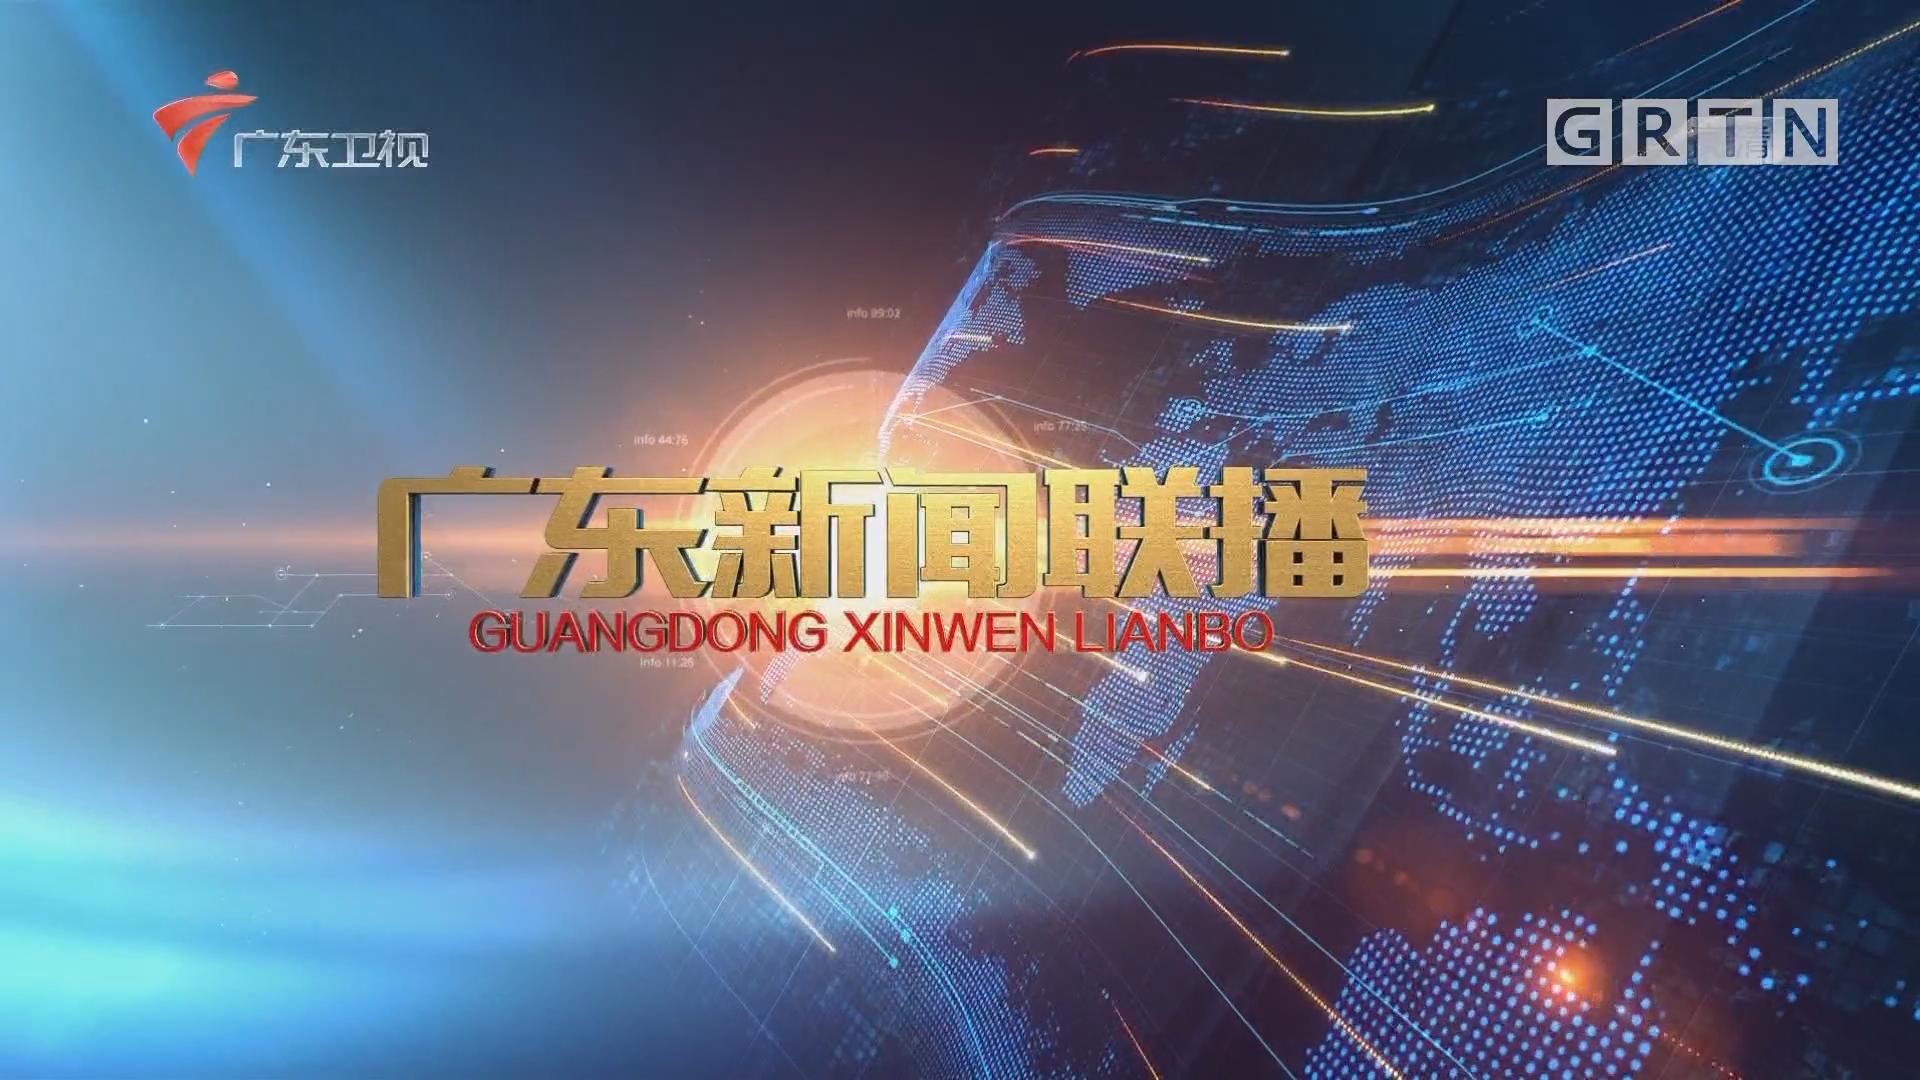 [HD][2018-11-08]广东新闻联播:荔湾西关永庆坊:让城市留下记忆 让人们记住乡愁